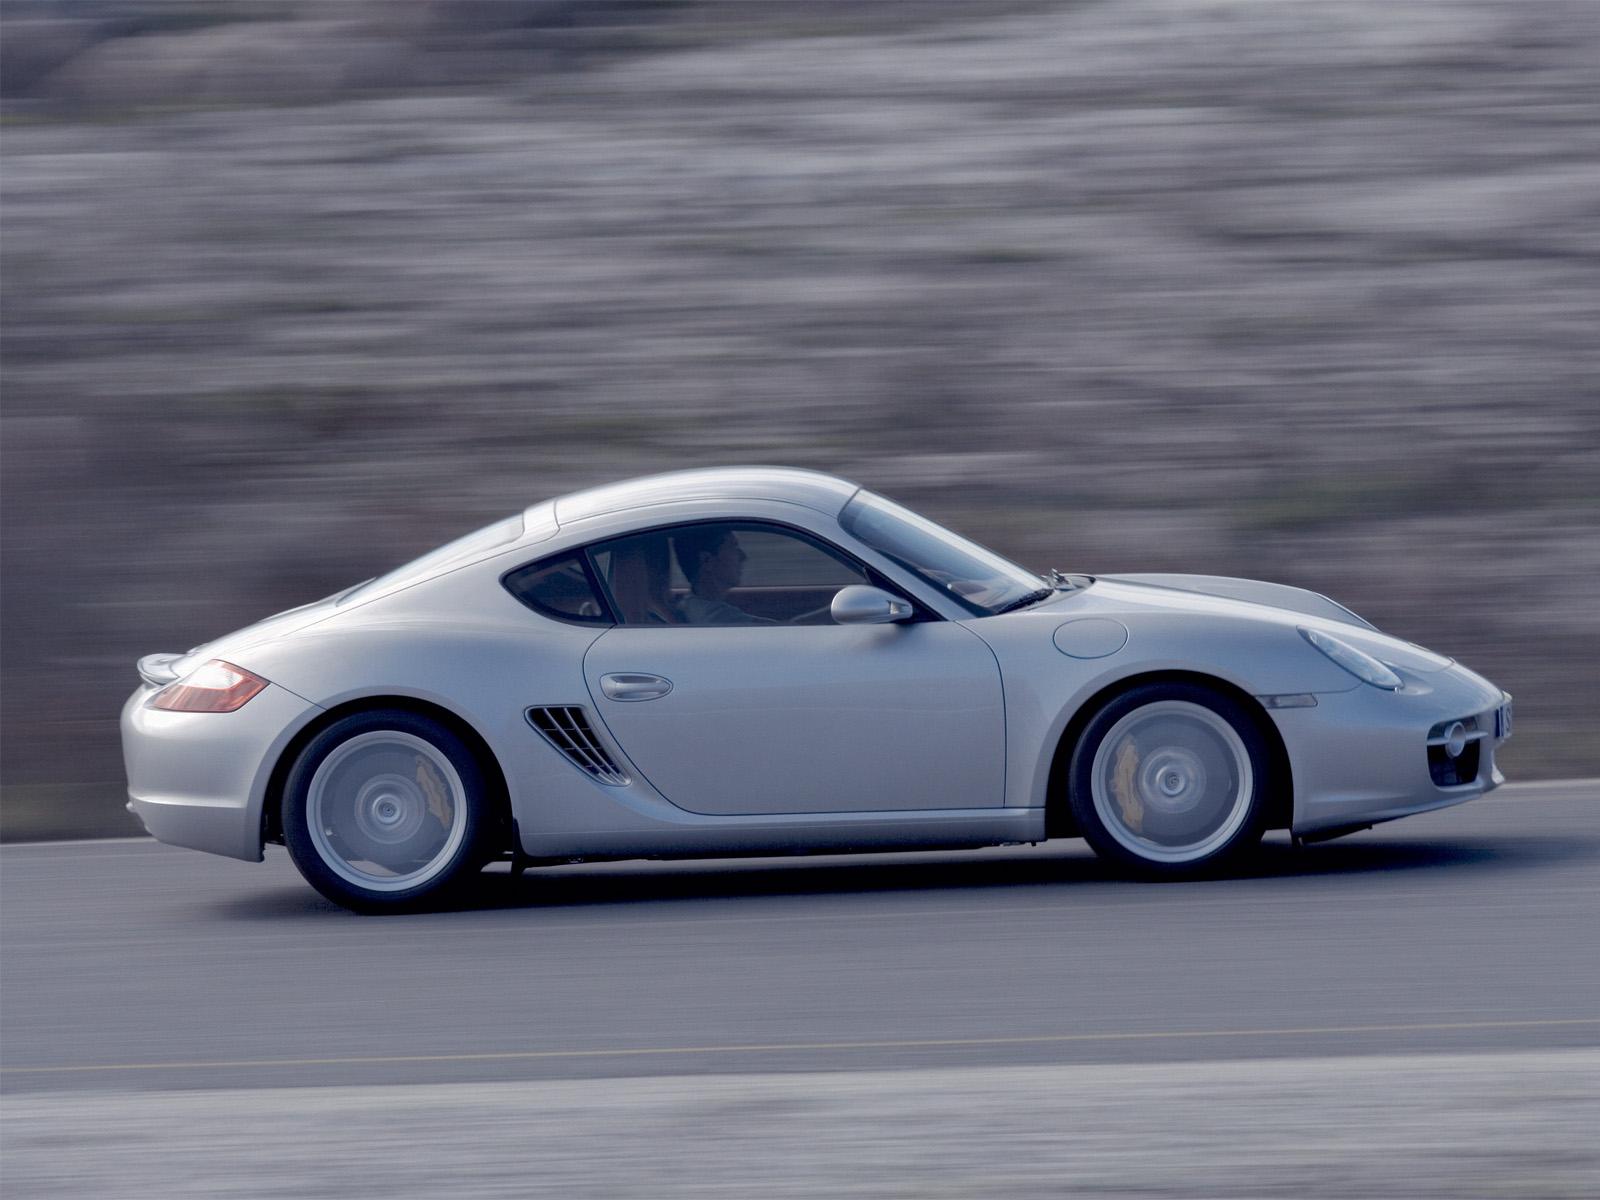 http://4.bp.blogspot.com/-Wr2BsCnc_GI/T4_i-bWdbBI/AAAAAAAA3Yo/2qxXNZObPMk/s1600/Porsche+Cayman+S+Cars+Wallpapers+(27).jpg